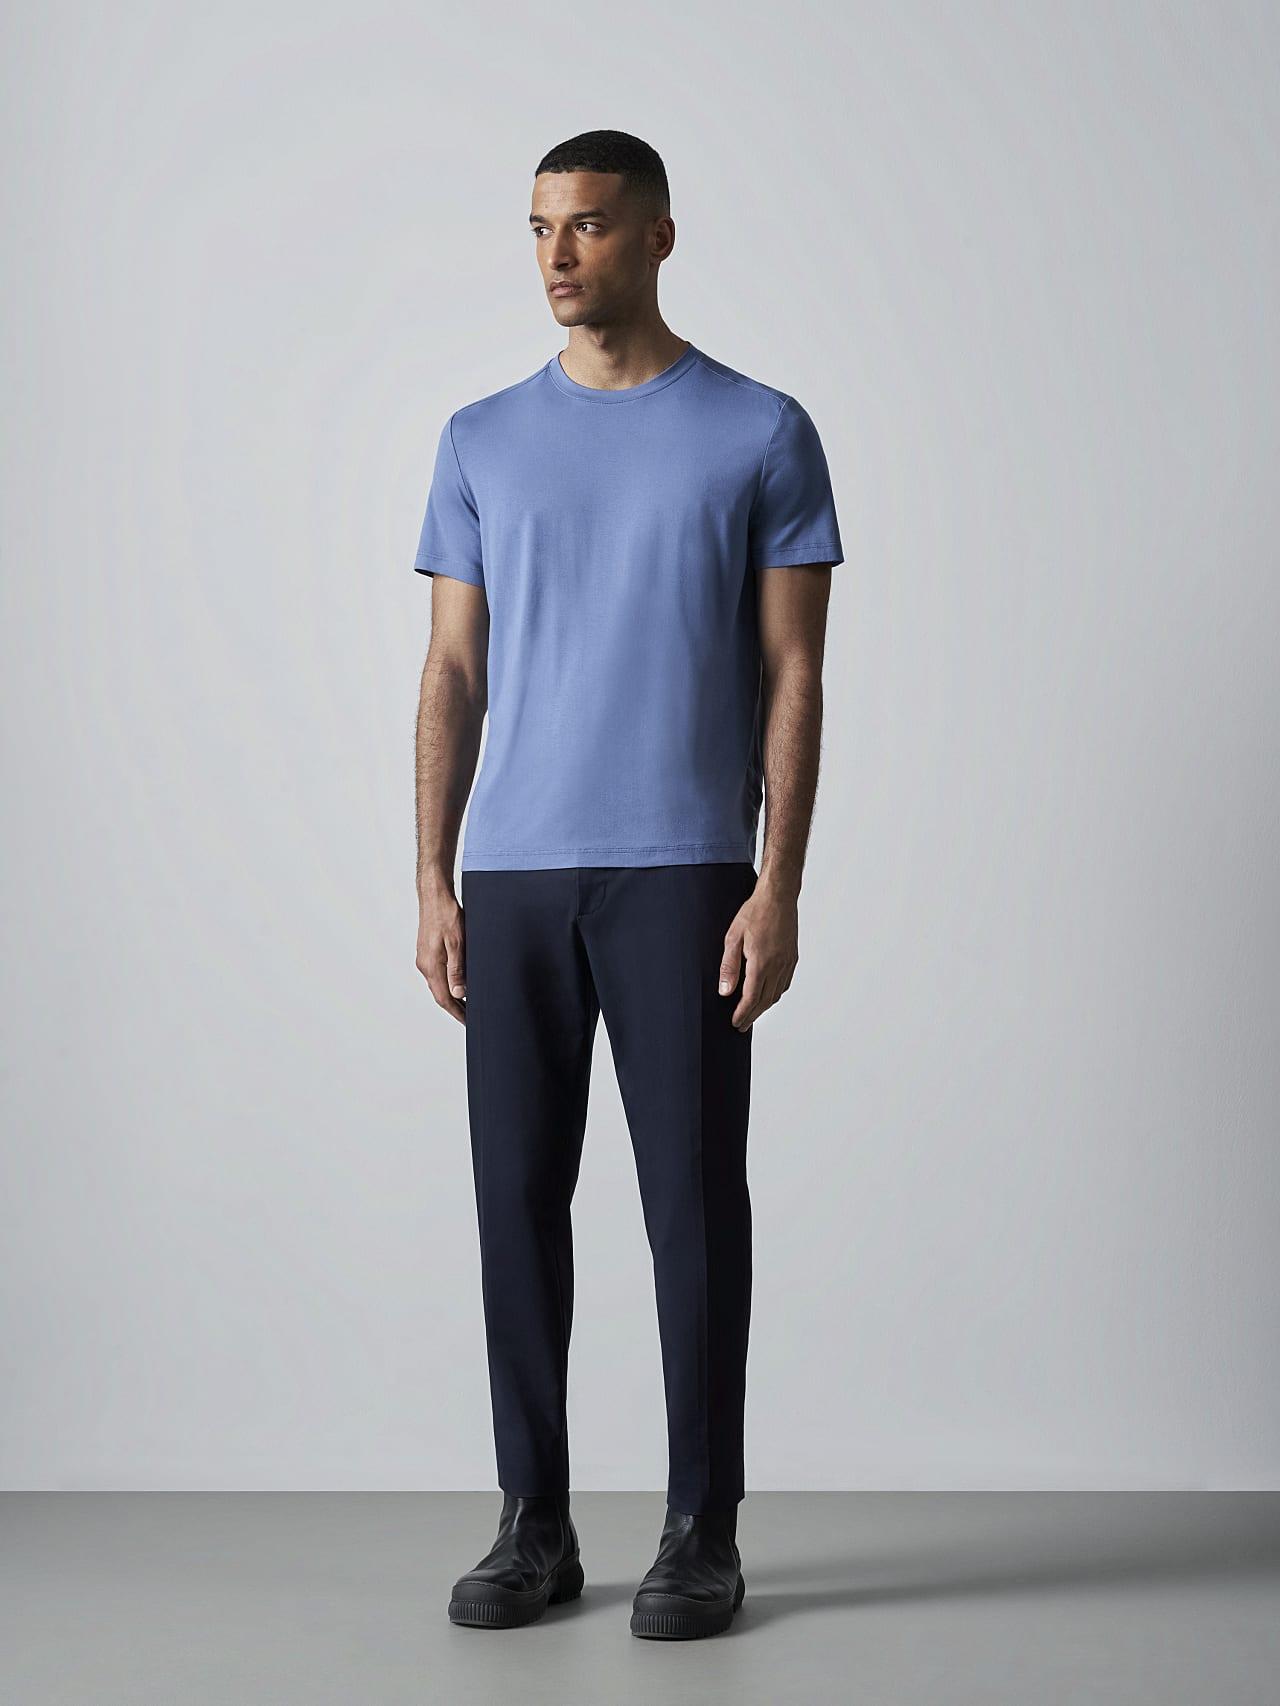 JANUE V1.Y5.02 Viscose T-Shirt light blue Front Alpha Tauri